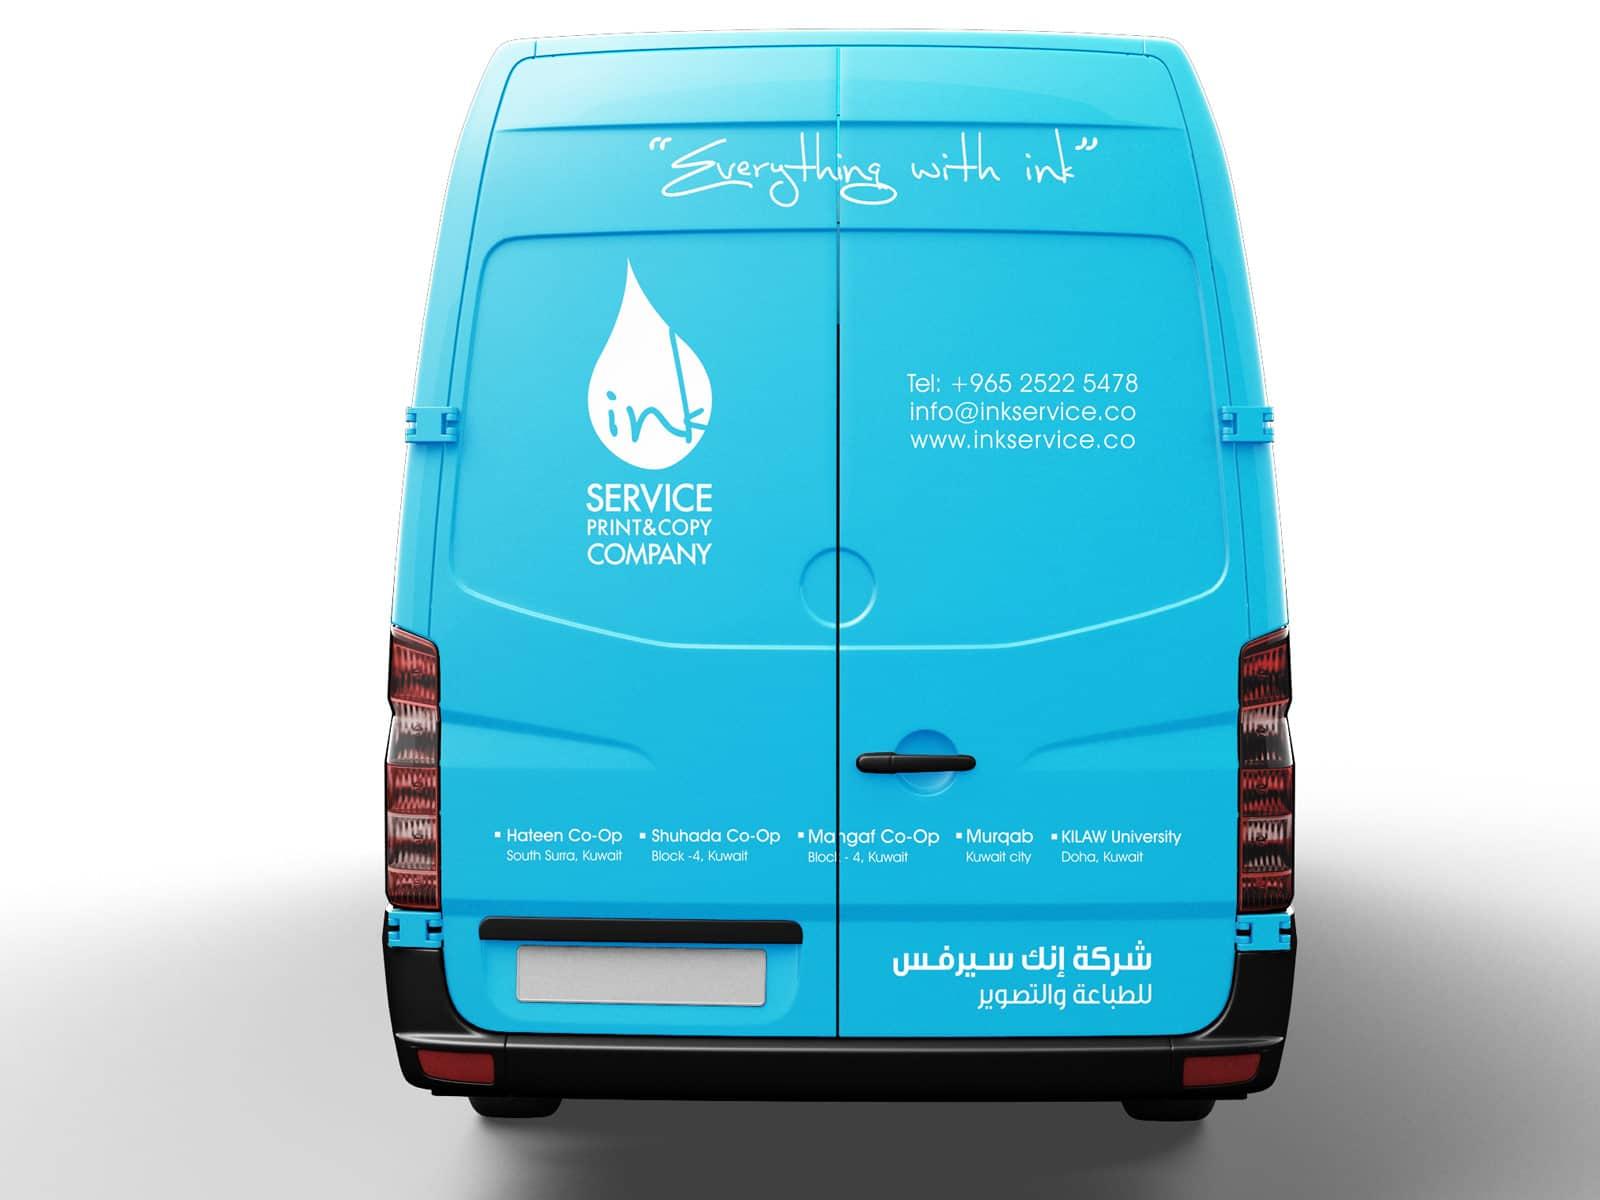 CAR_04_INKSERVICE_kuwait